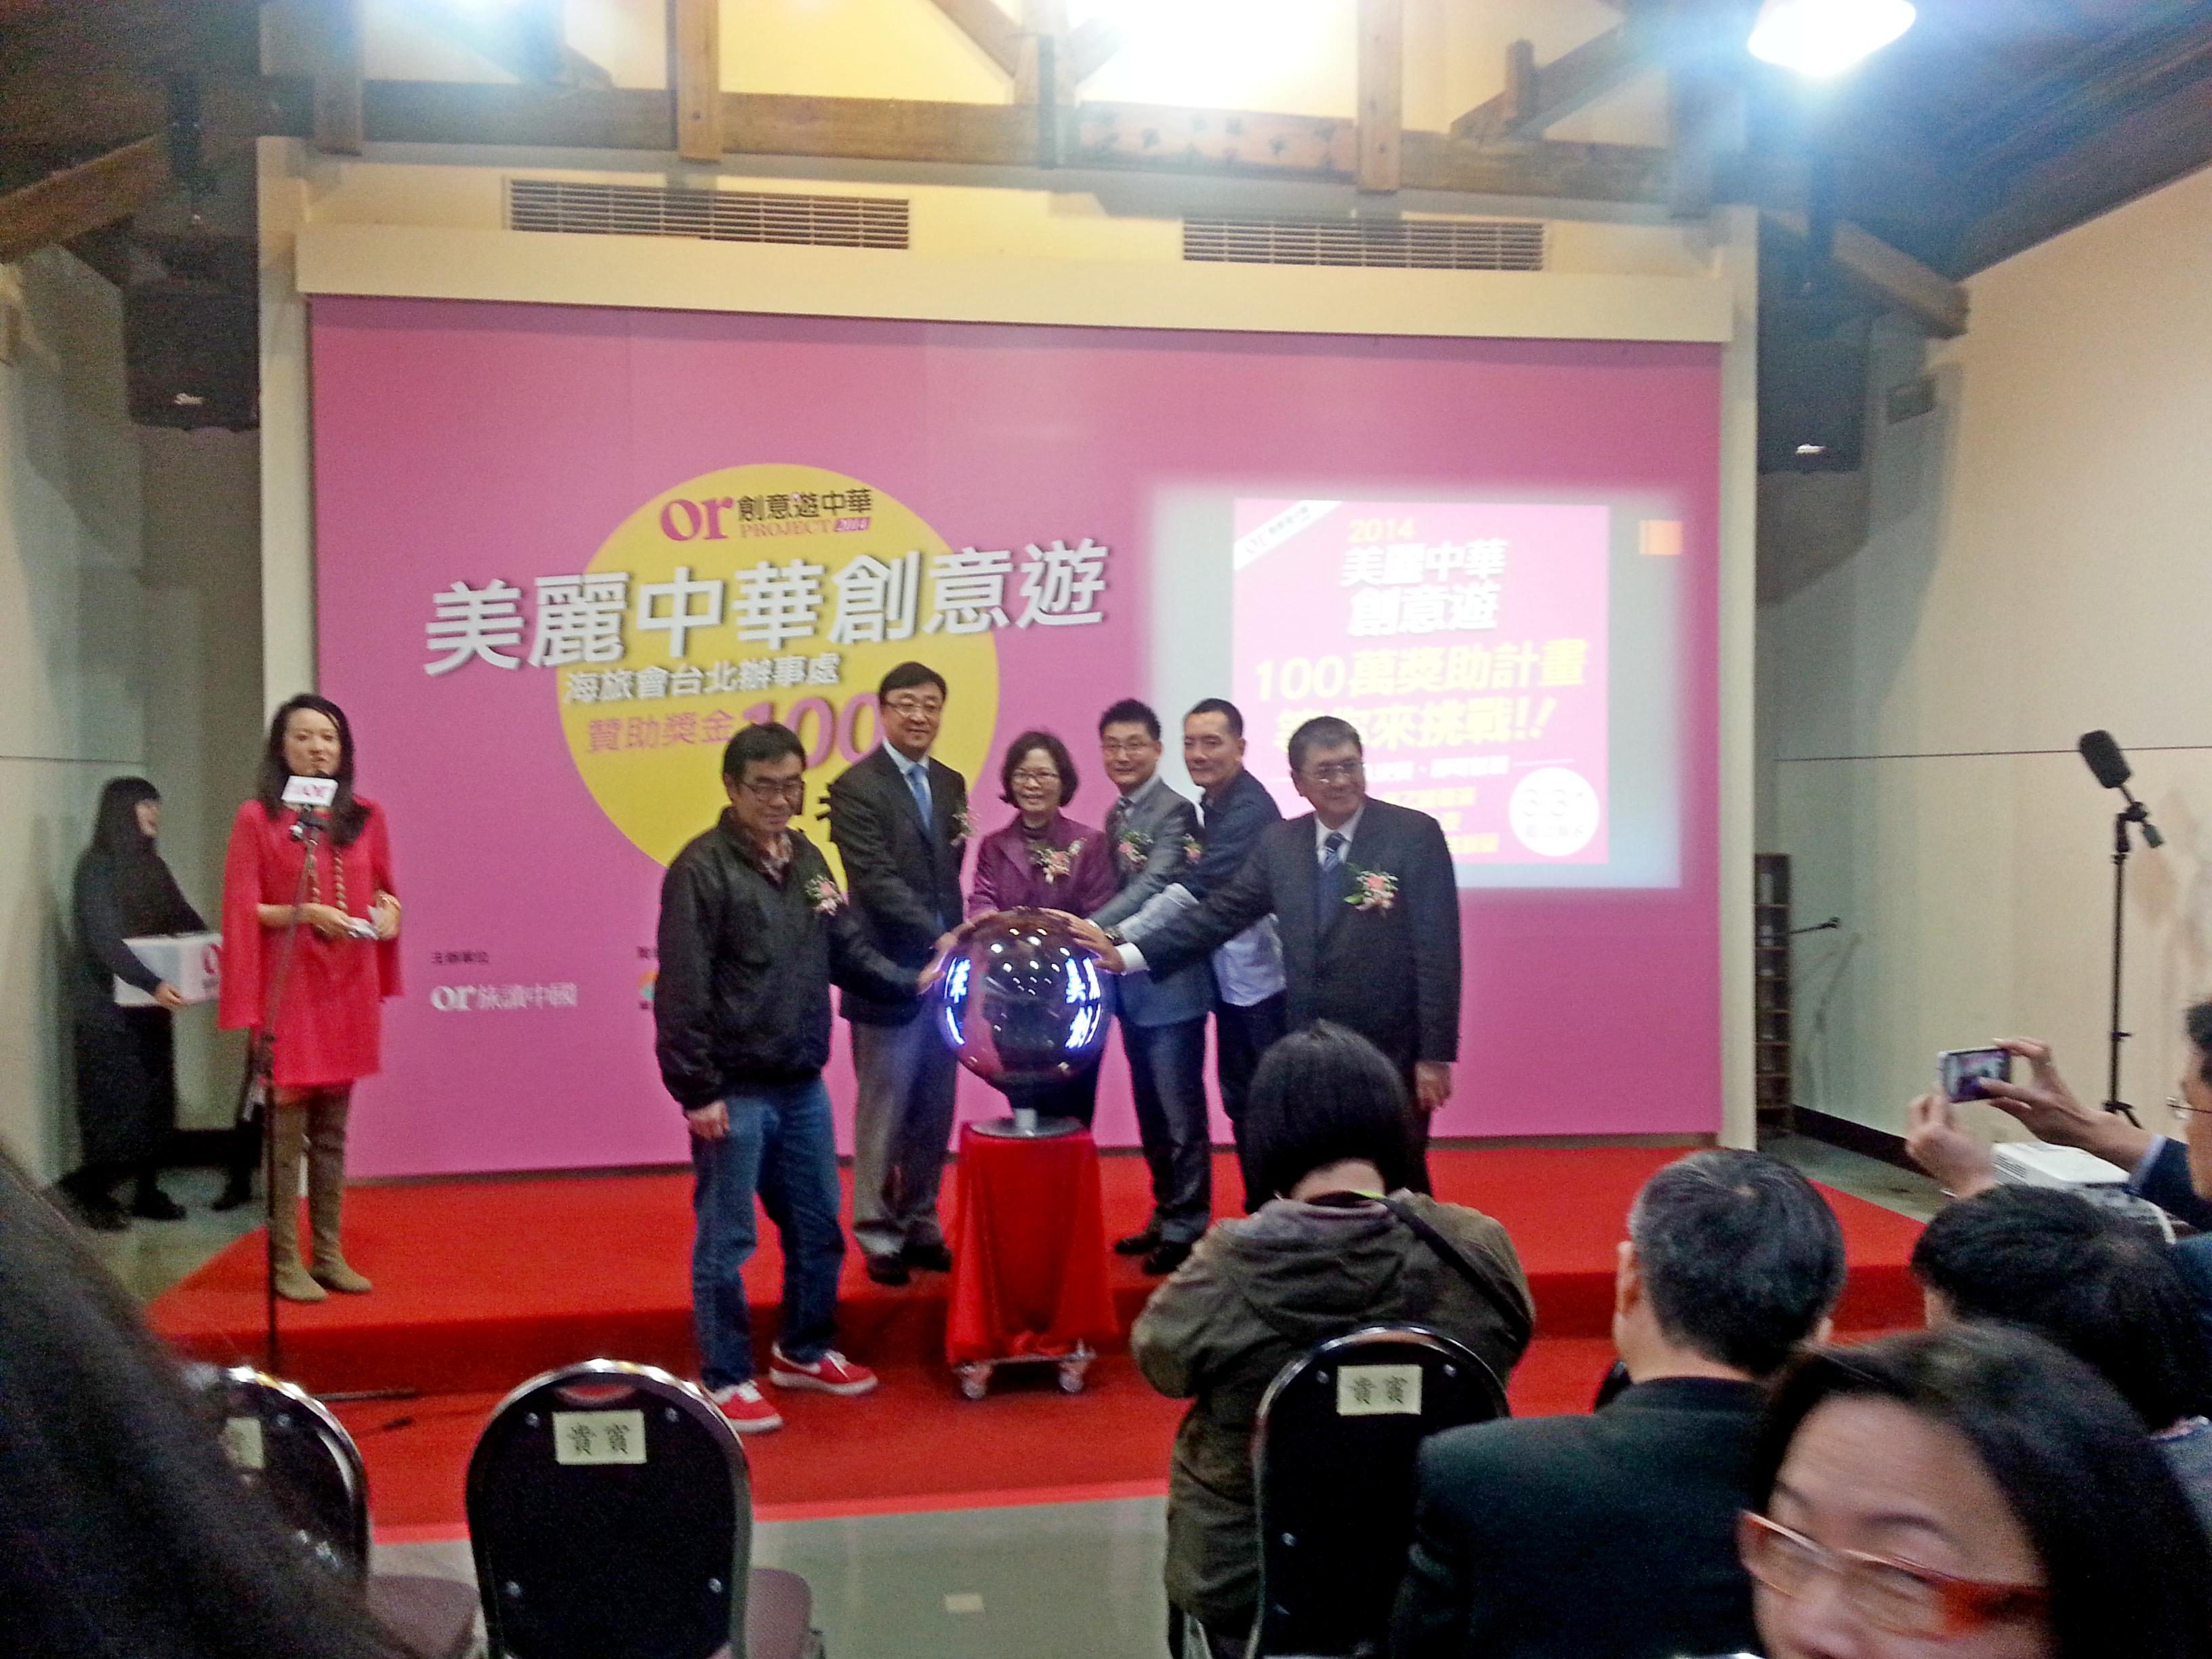 支持兩岸青年交流,並鼓勵台灣年青人多多前往中國走走,擴增視野及累積人脈。第三年「2014美麗中華創意遊」13日舉辦啟動記者會。(記者Jim...